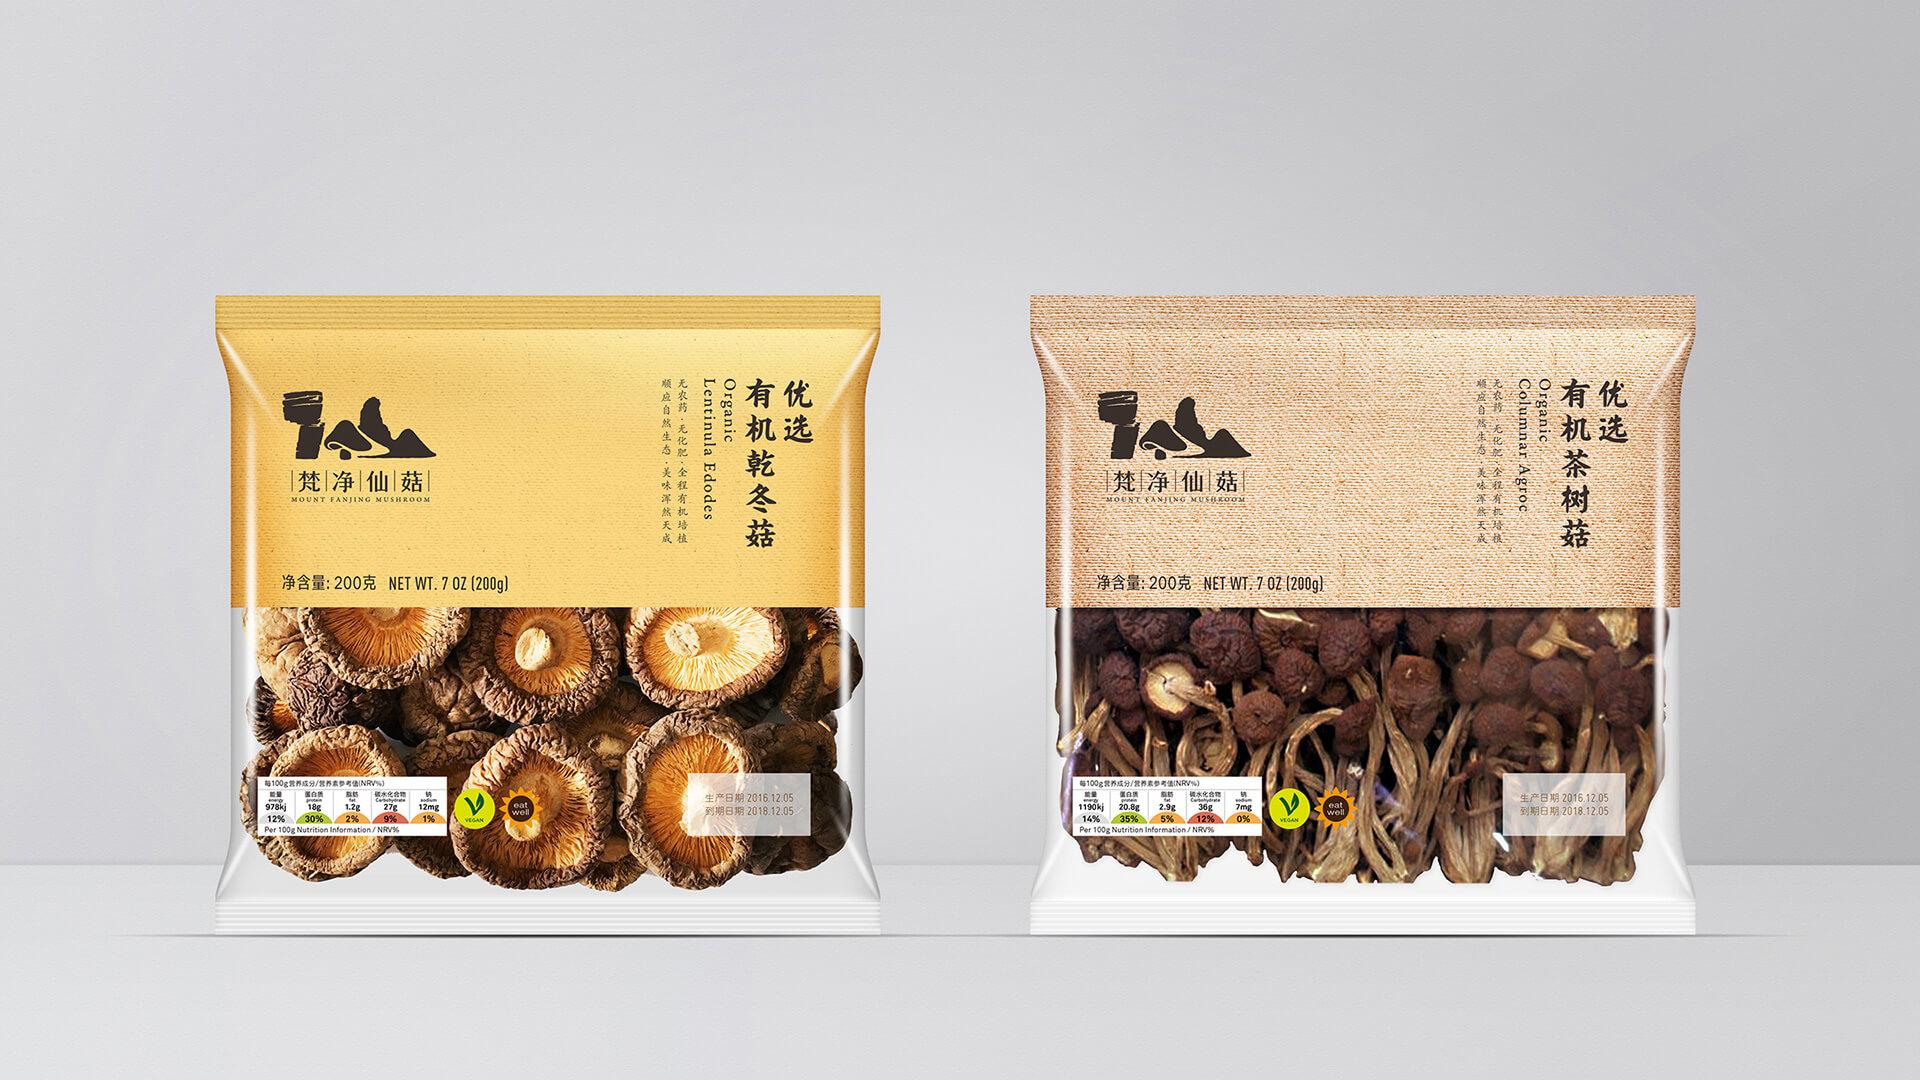 梵净仙菇包装设计